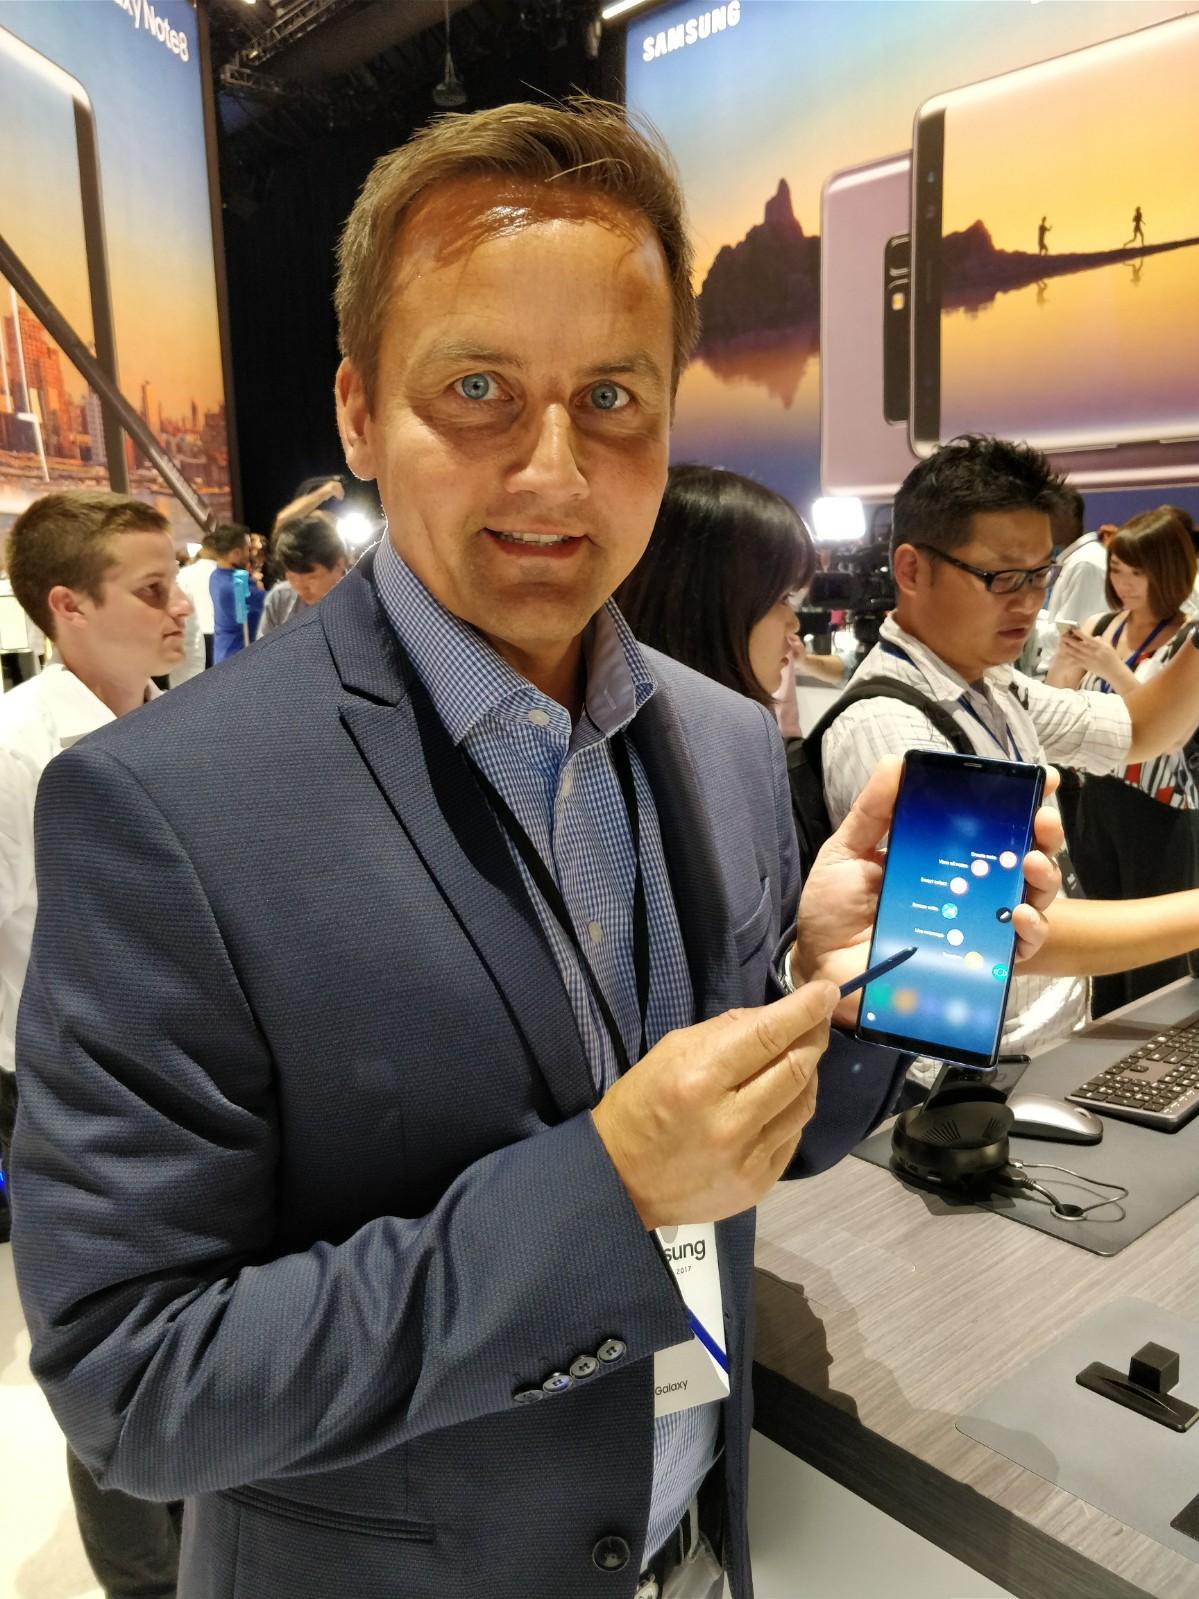 Samsungs Øyvind Aasen viser stolt frem selskapets nyeste flaggskip.